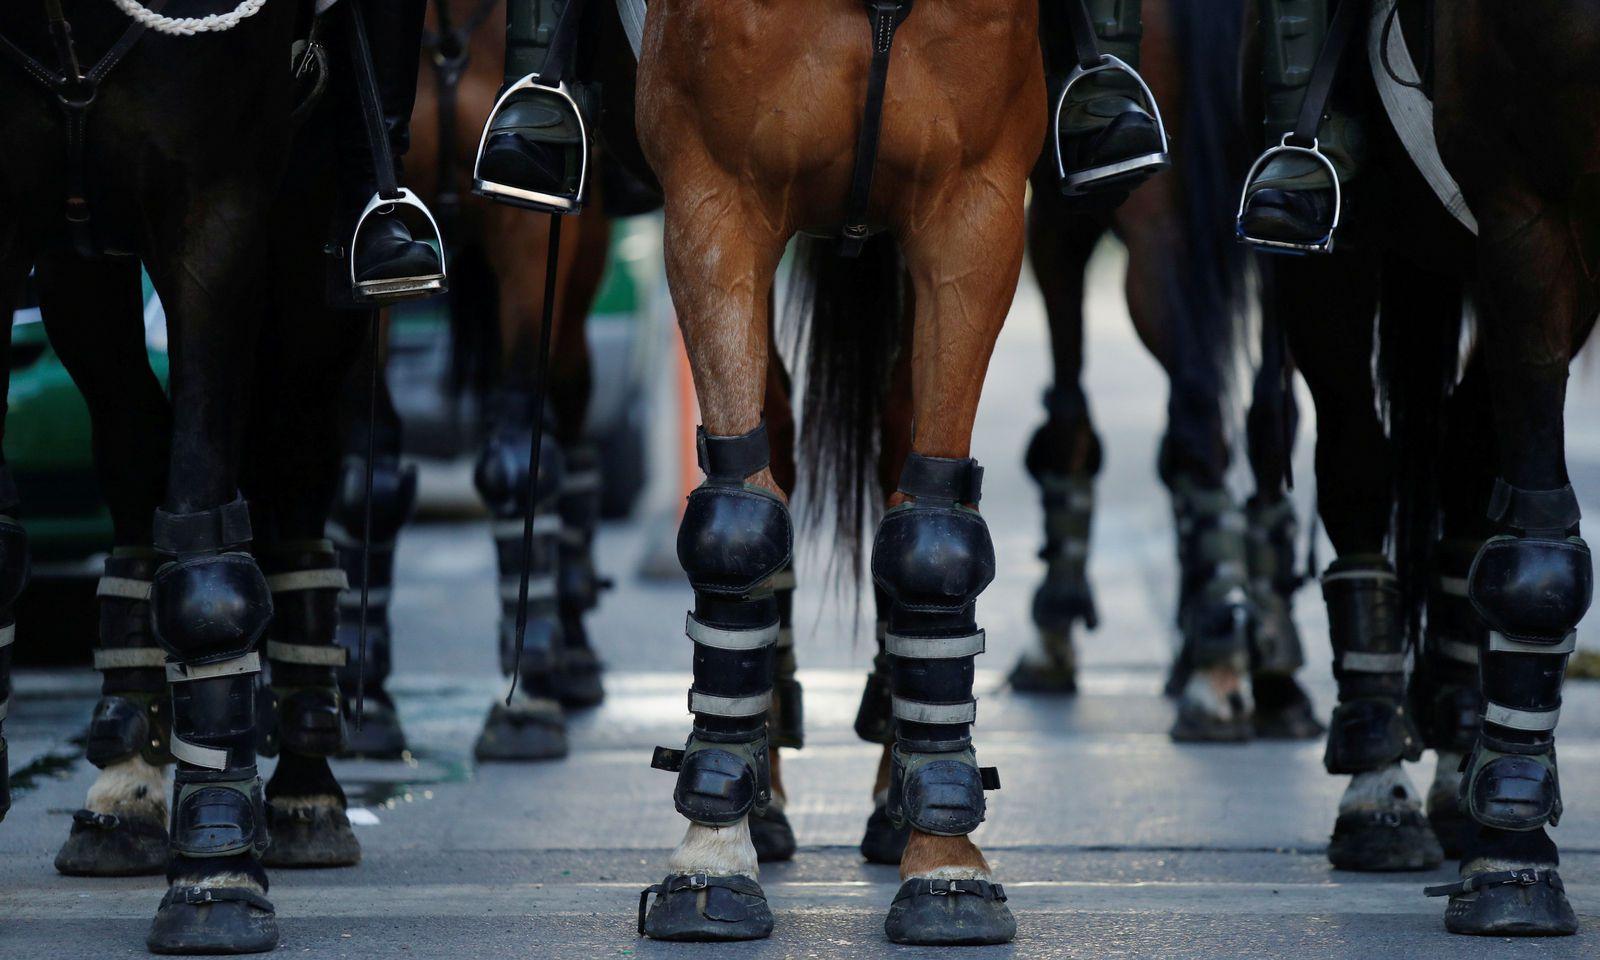 Bei Protesten gegen die Regierung tragen auch die im Einsatz befindlichen Pferde der Sicherheitskräfte Schutzkleidung.